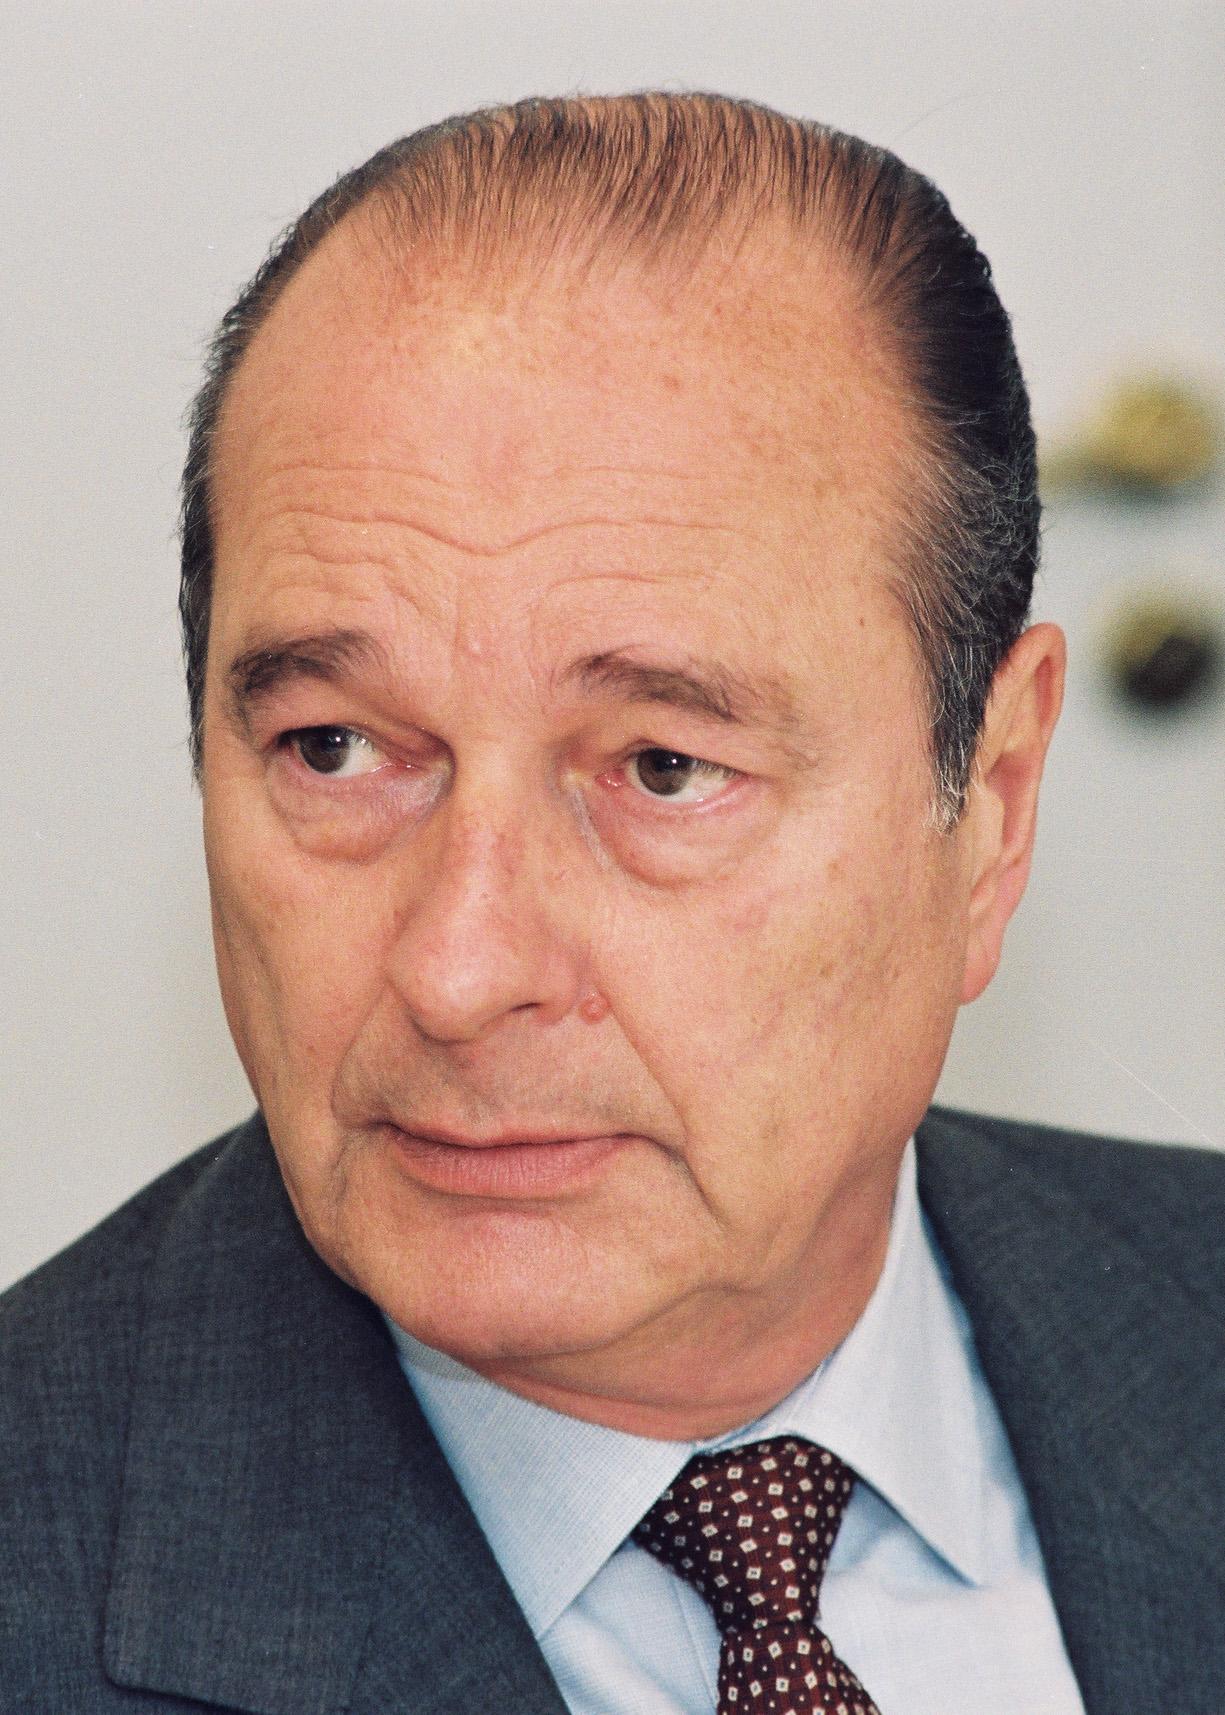 Veja o que saiu no Migalhas sobre Jacques Chirac